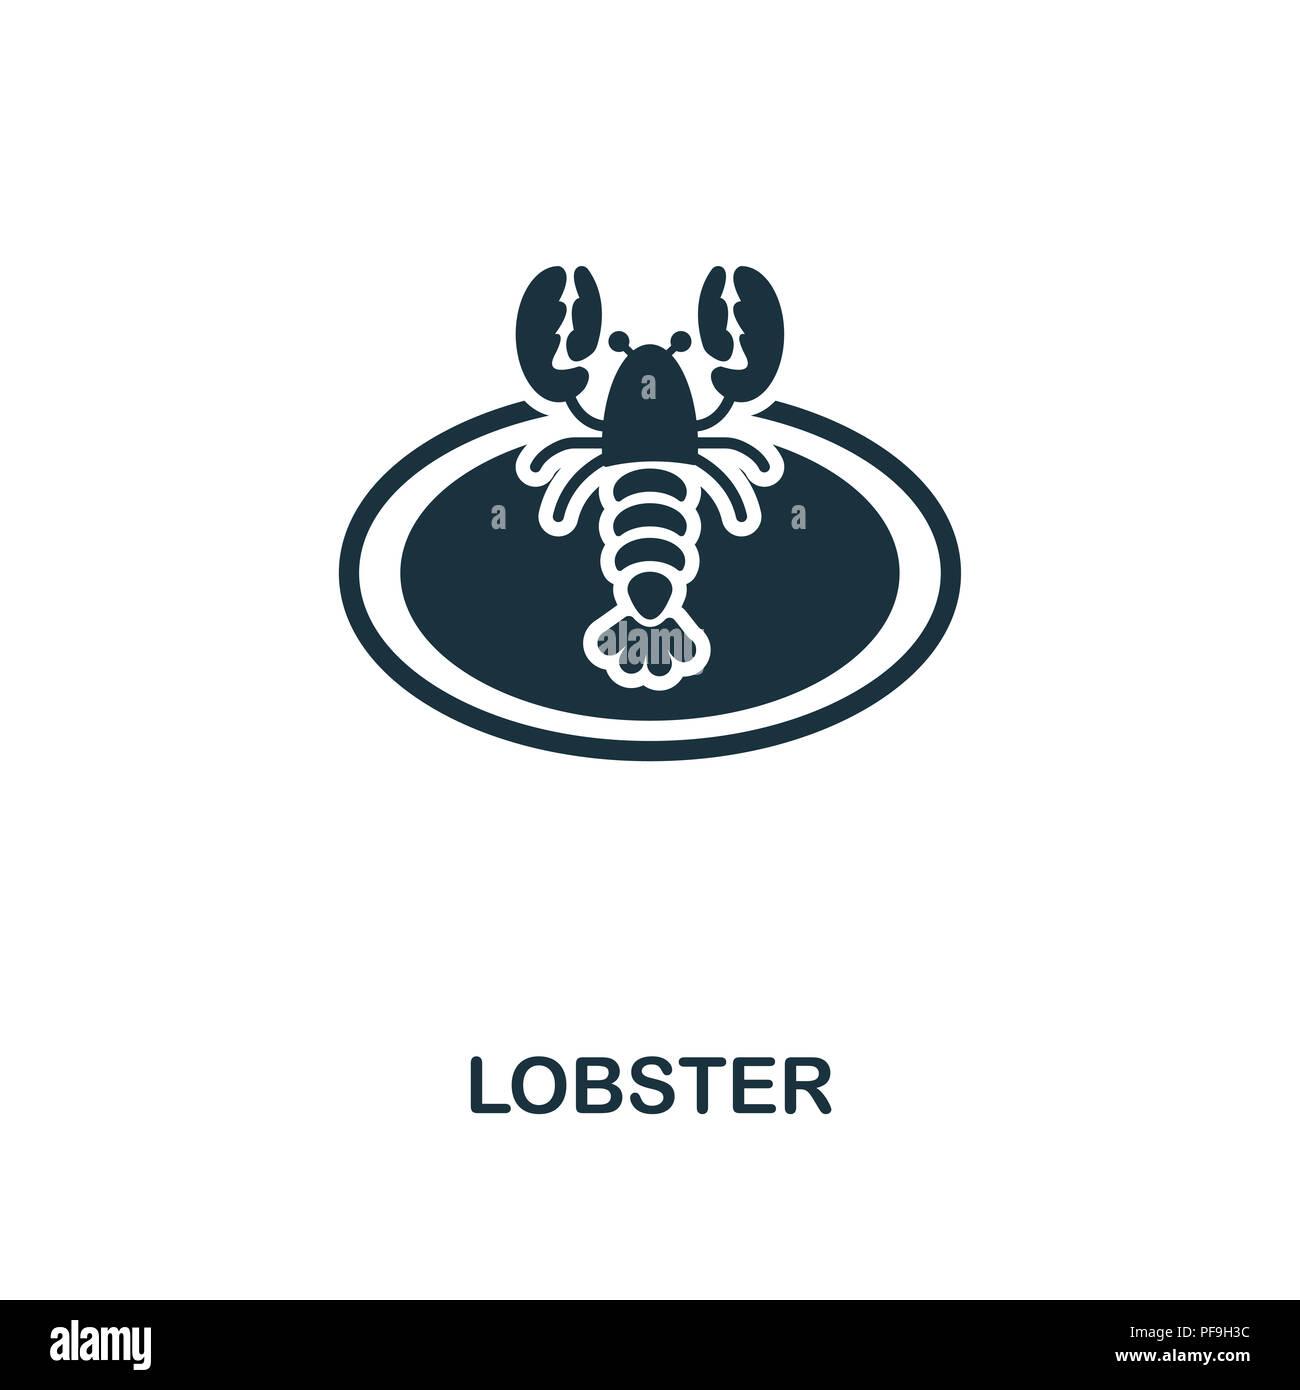 Seafood Restaurant Logo Design Creative Fotos E Imagenes De Stock Alamy